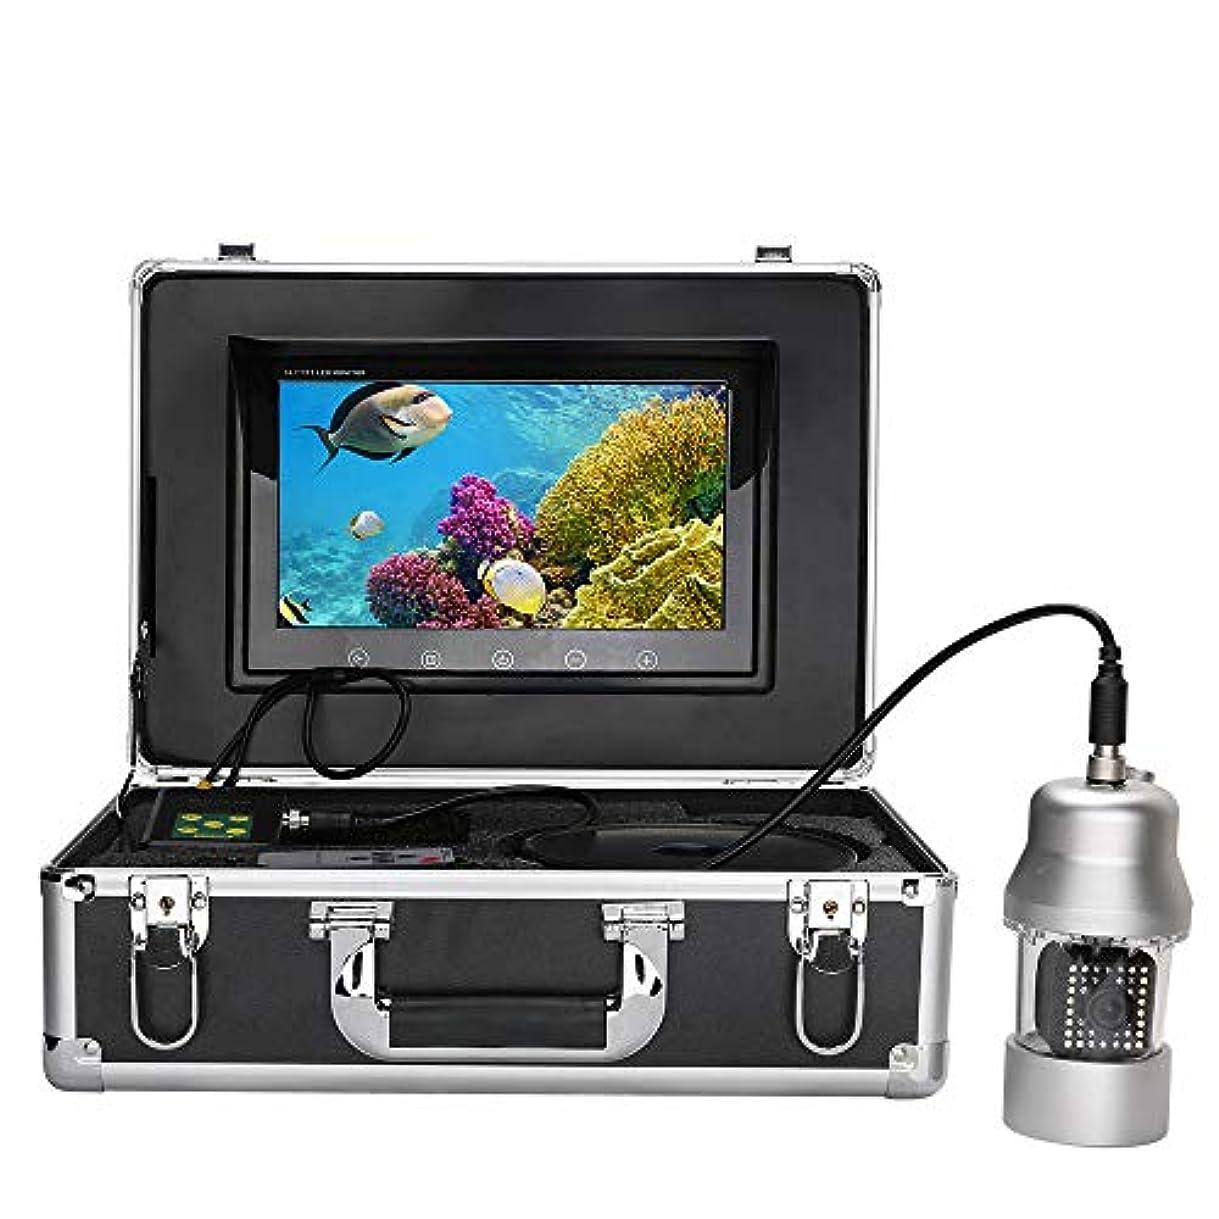 最愛のピンポイント誰水中釣りカメラ魚群探知機IP68防水38 leds 360度回転釣りカメラ視聴システム9インチhdモニター50メートルケーブル